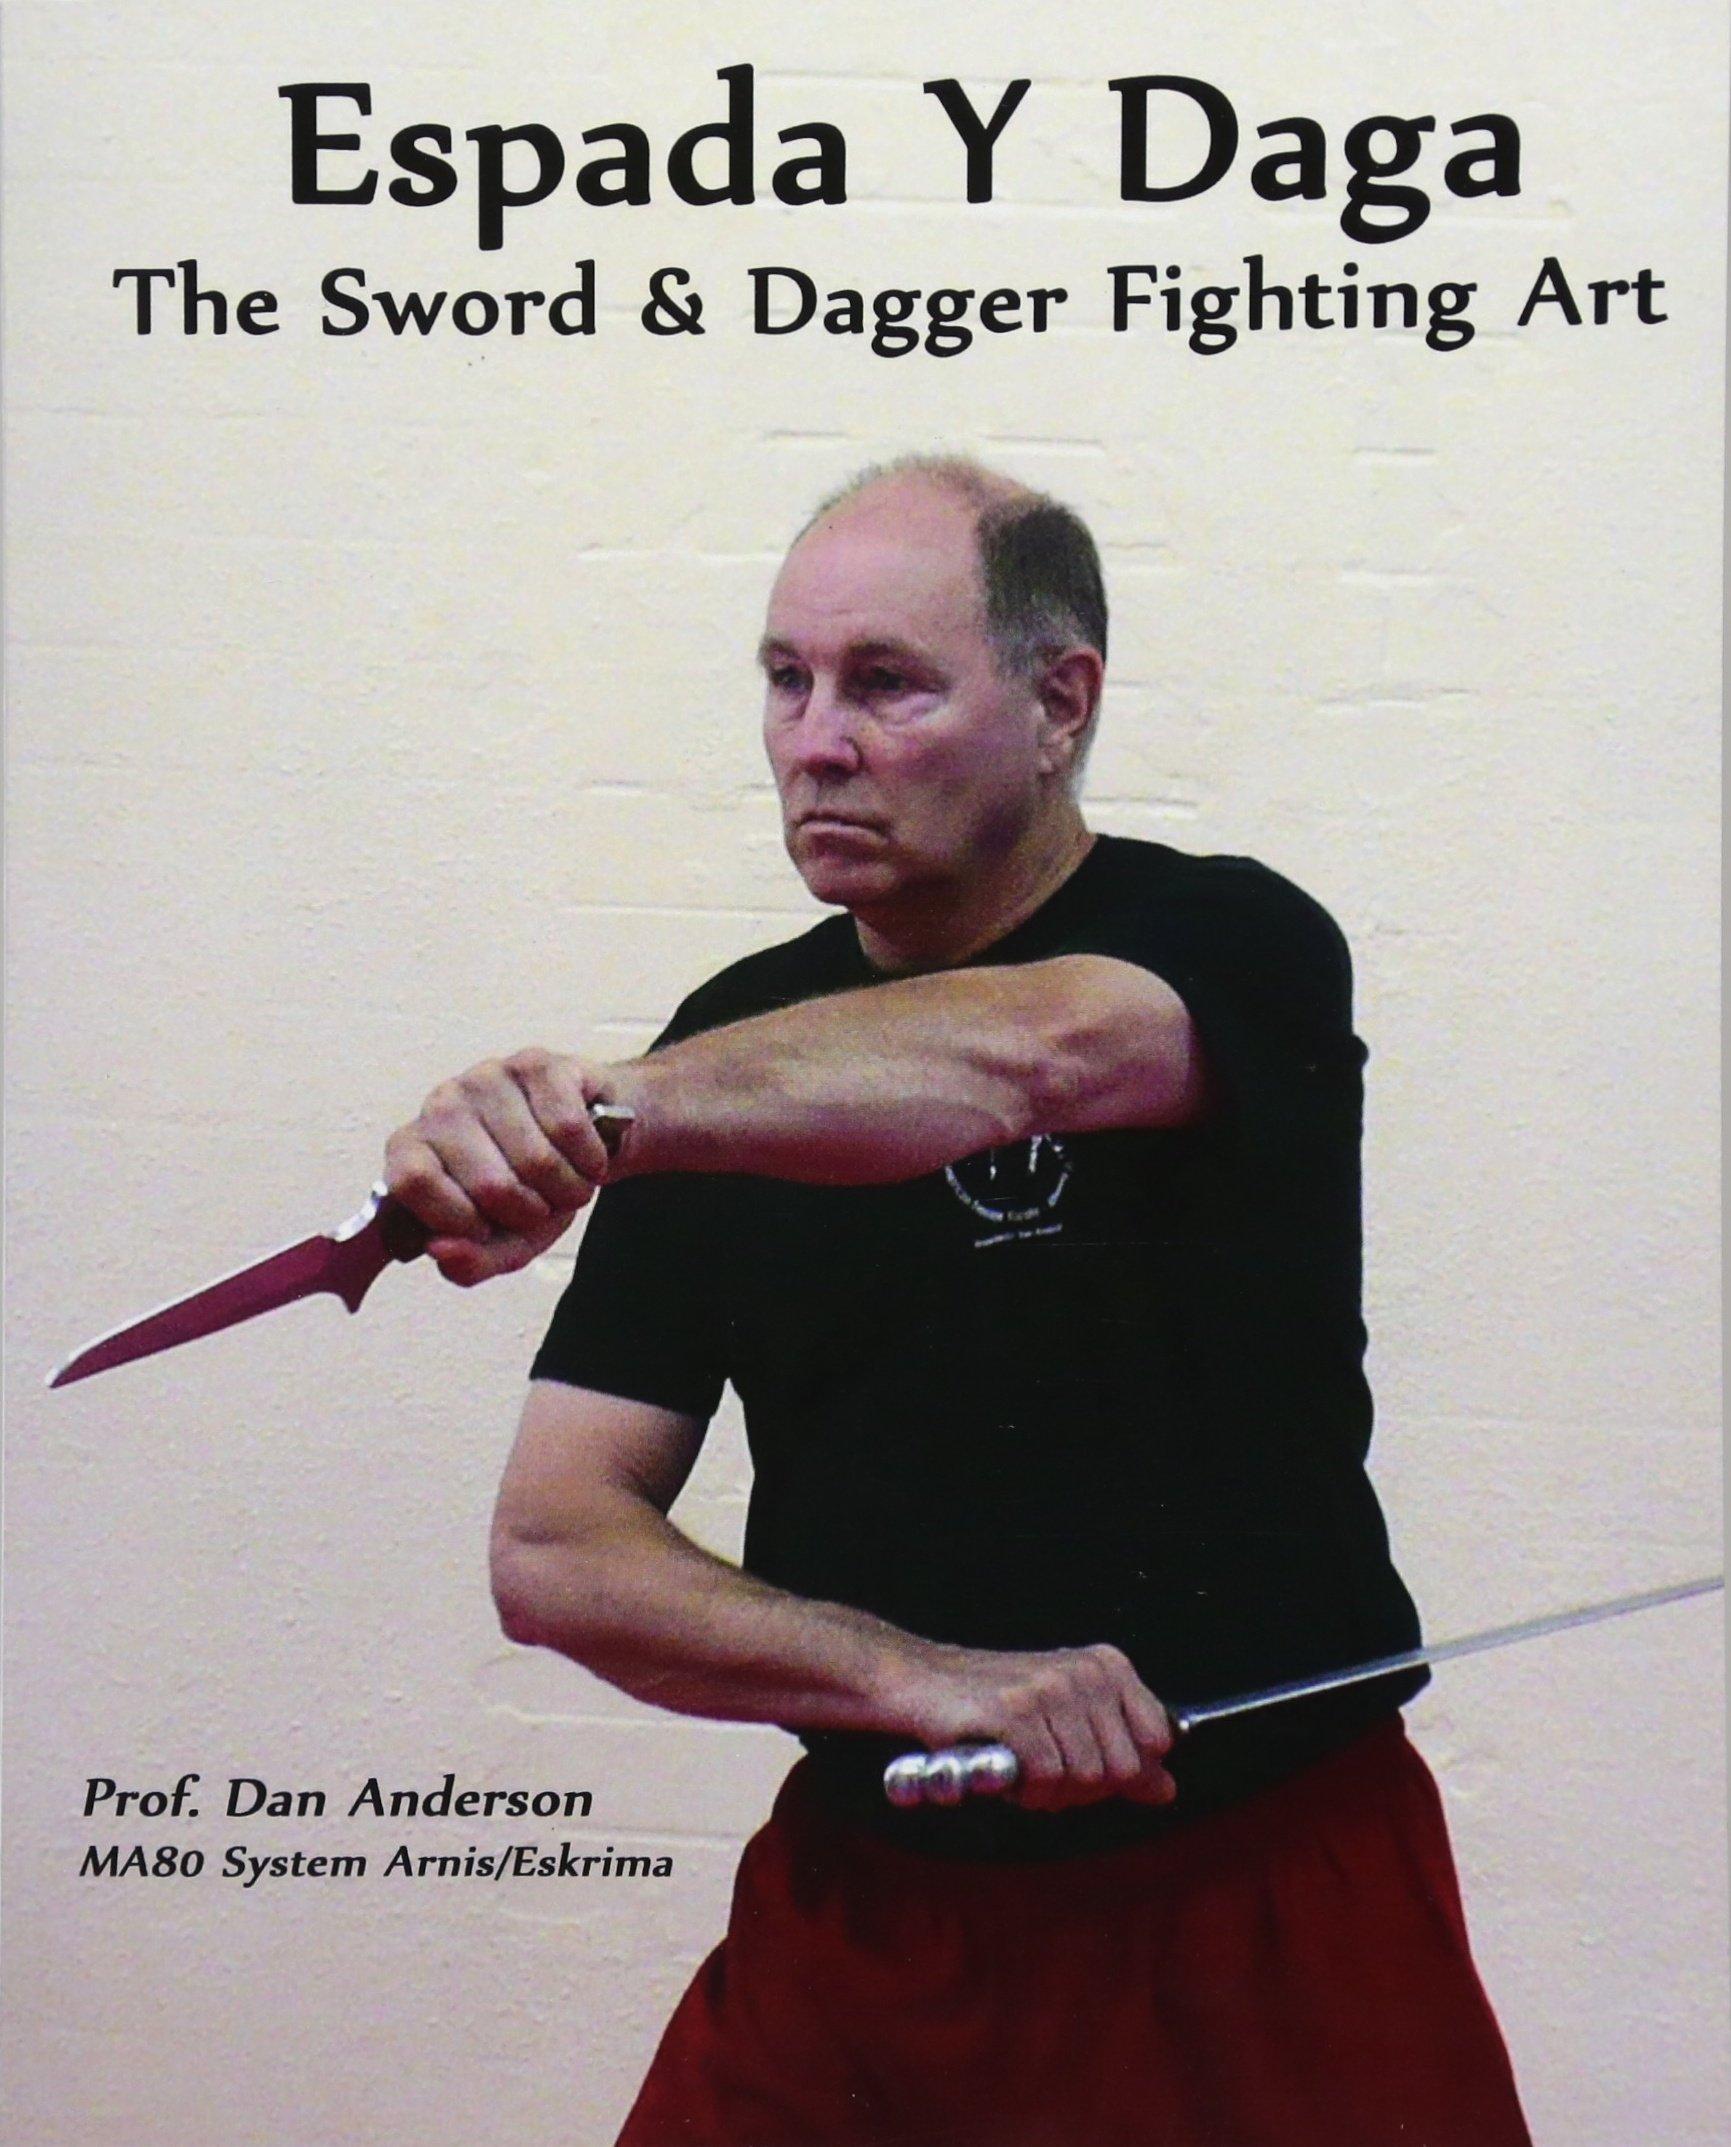 Espada Y Daga: The Sword & Dagger Fighting Art por Dan Anderson